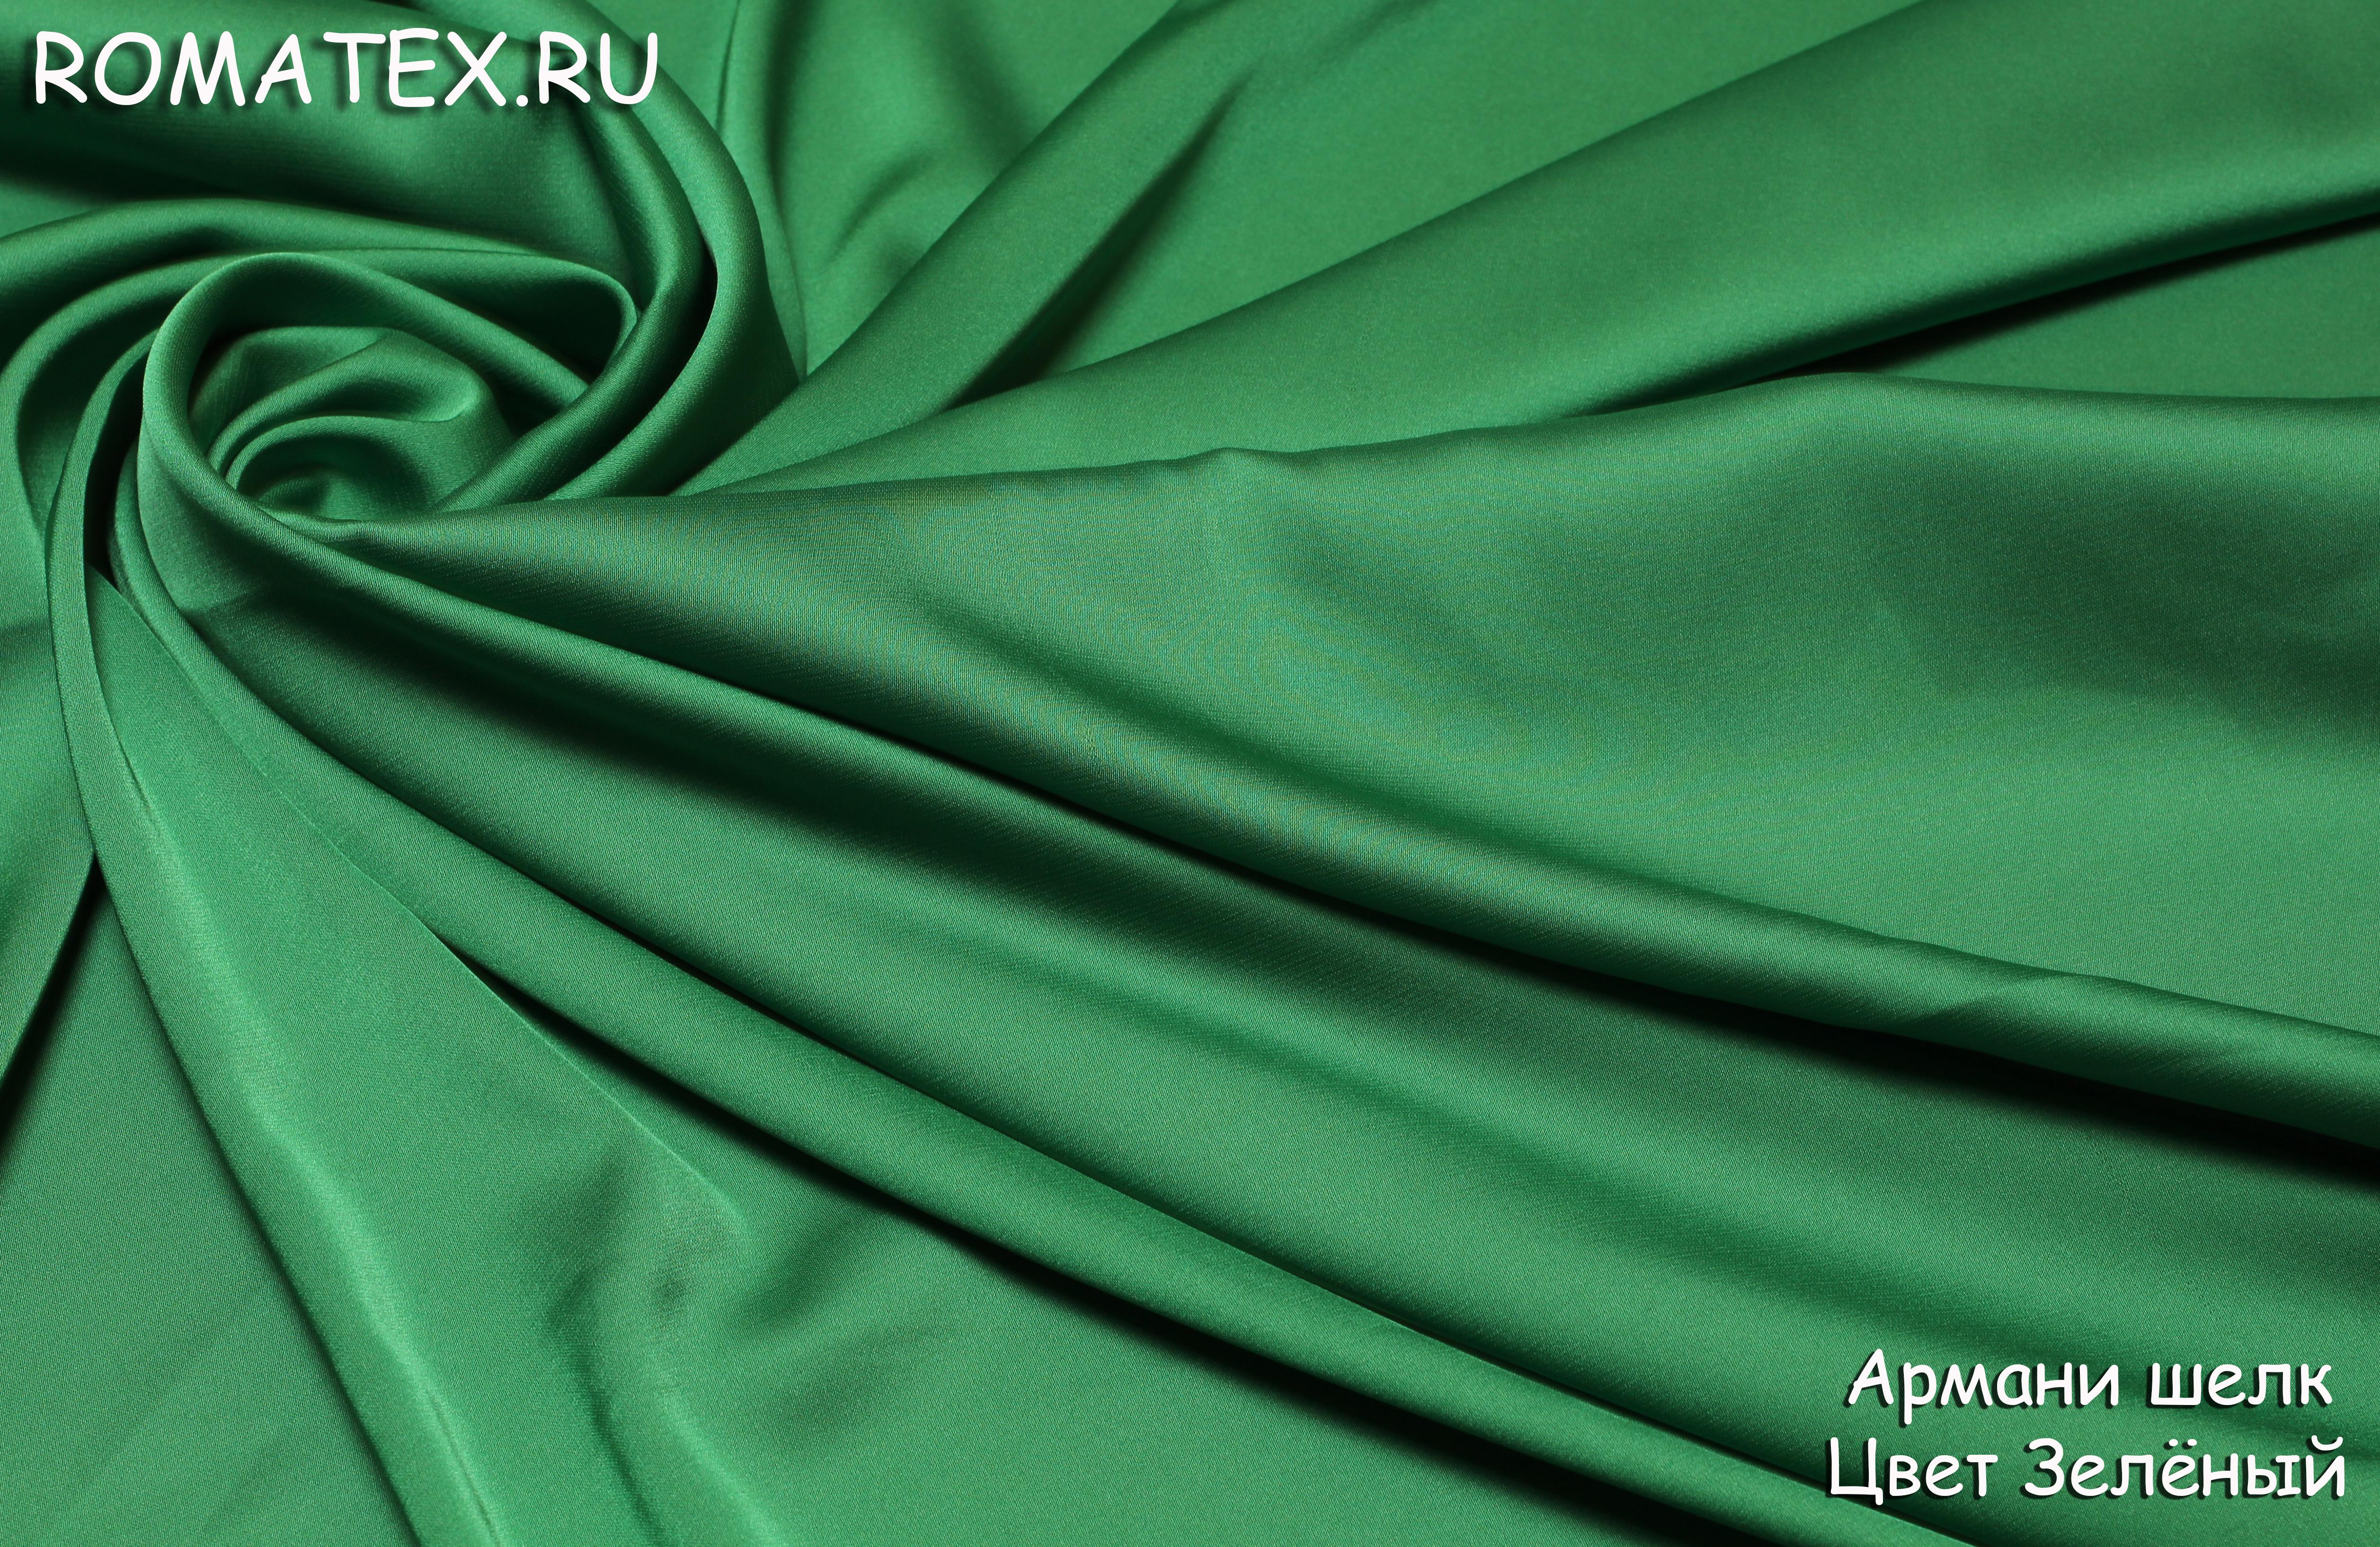 Армани шелк цвет зелёный